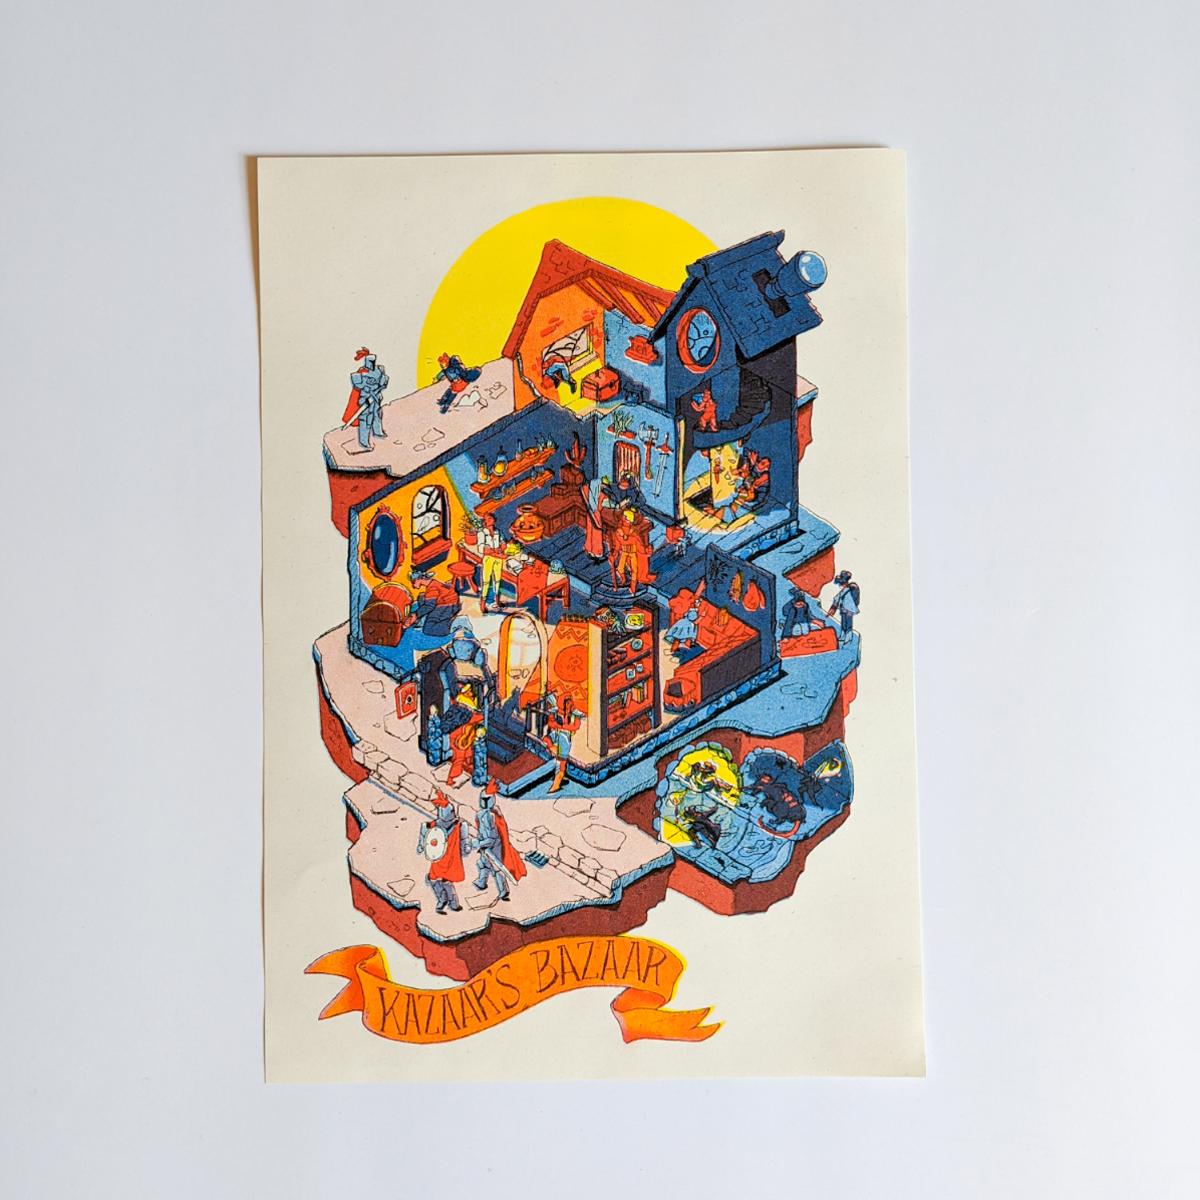 Print- Kazaar's Bazaar